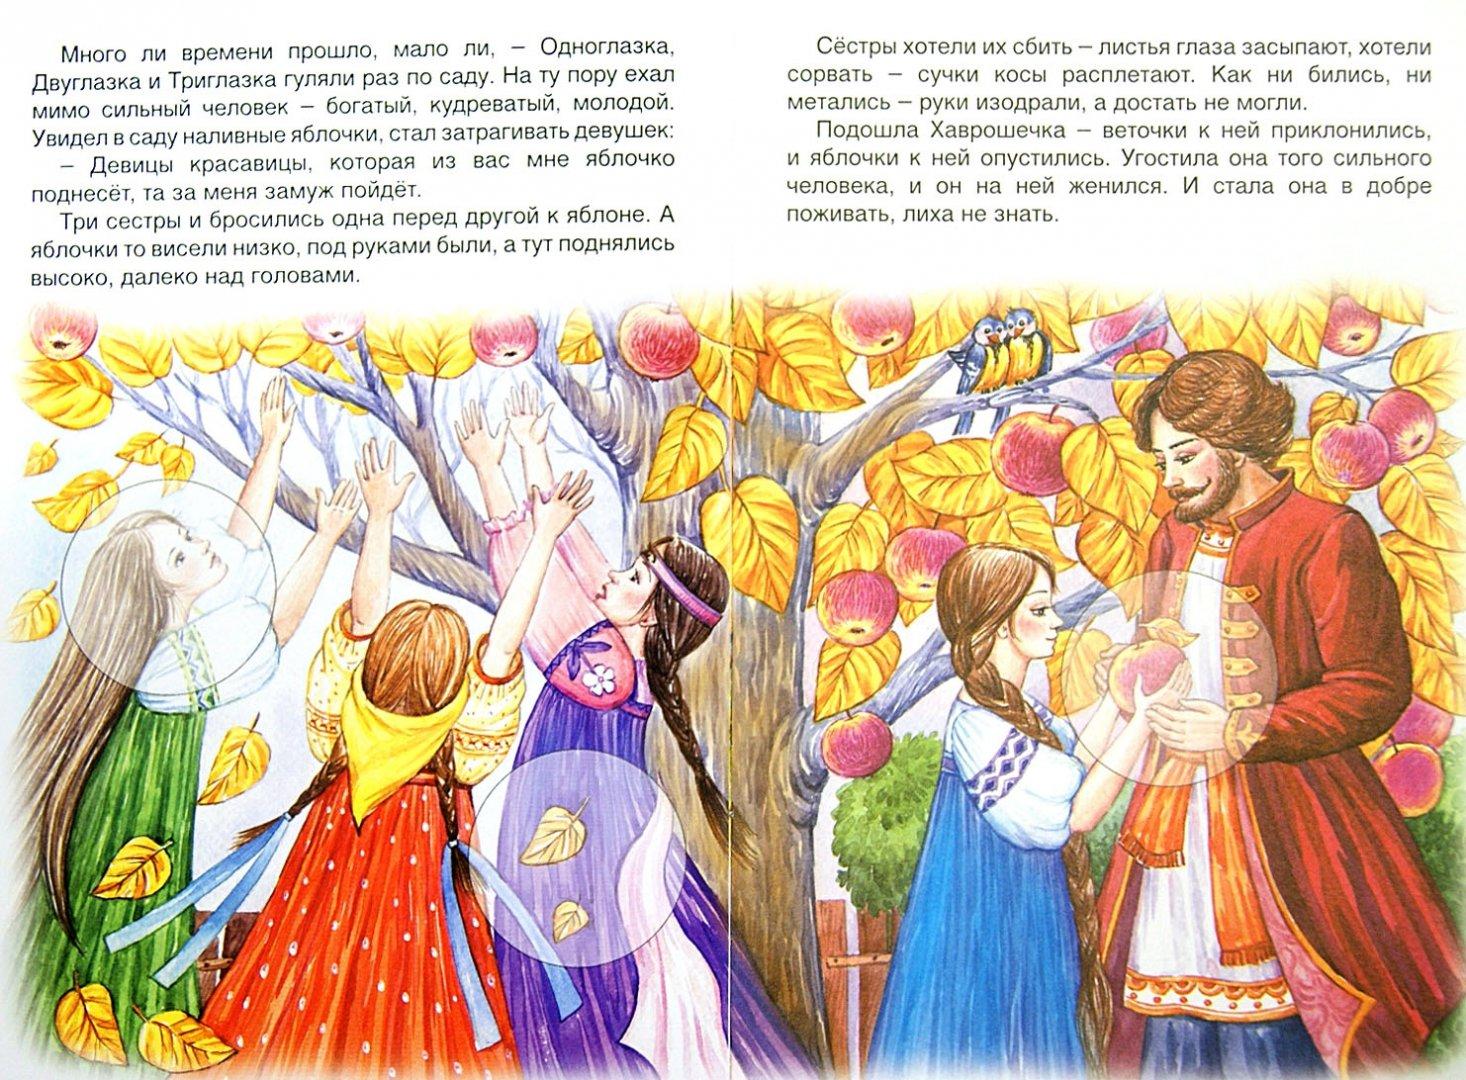 Иллюстрация 1 из 33 для Хаврошечка | Лабиринт - книги. Источник: Лабиринт